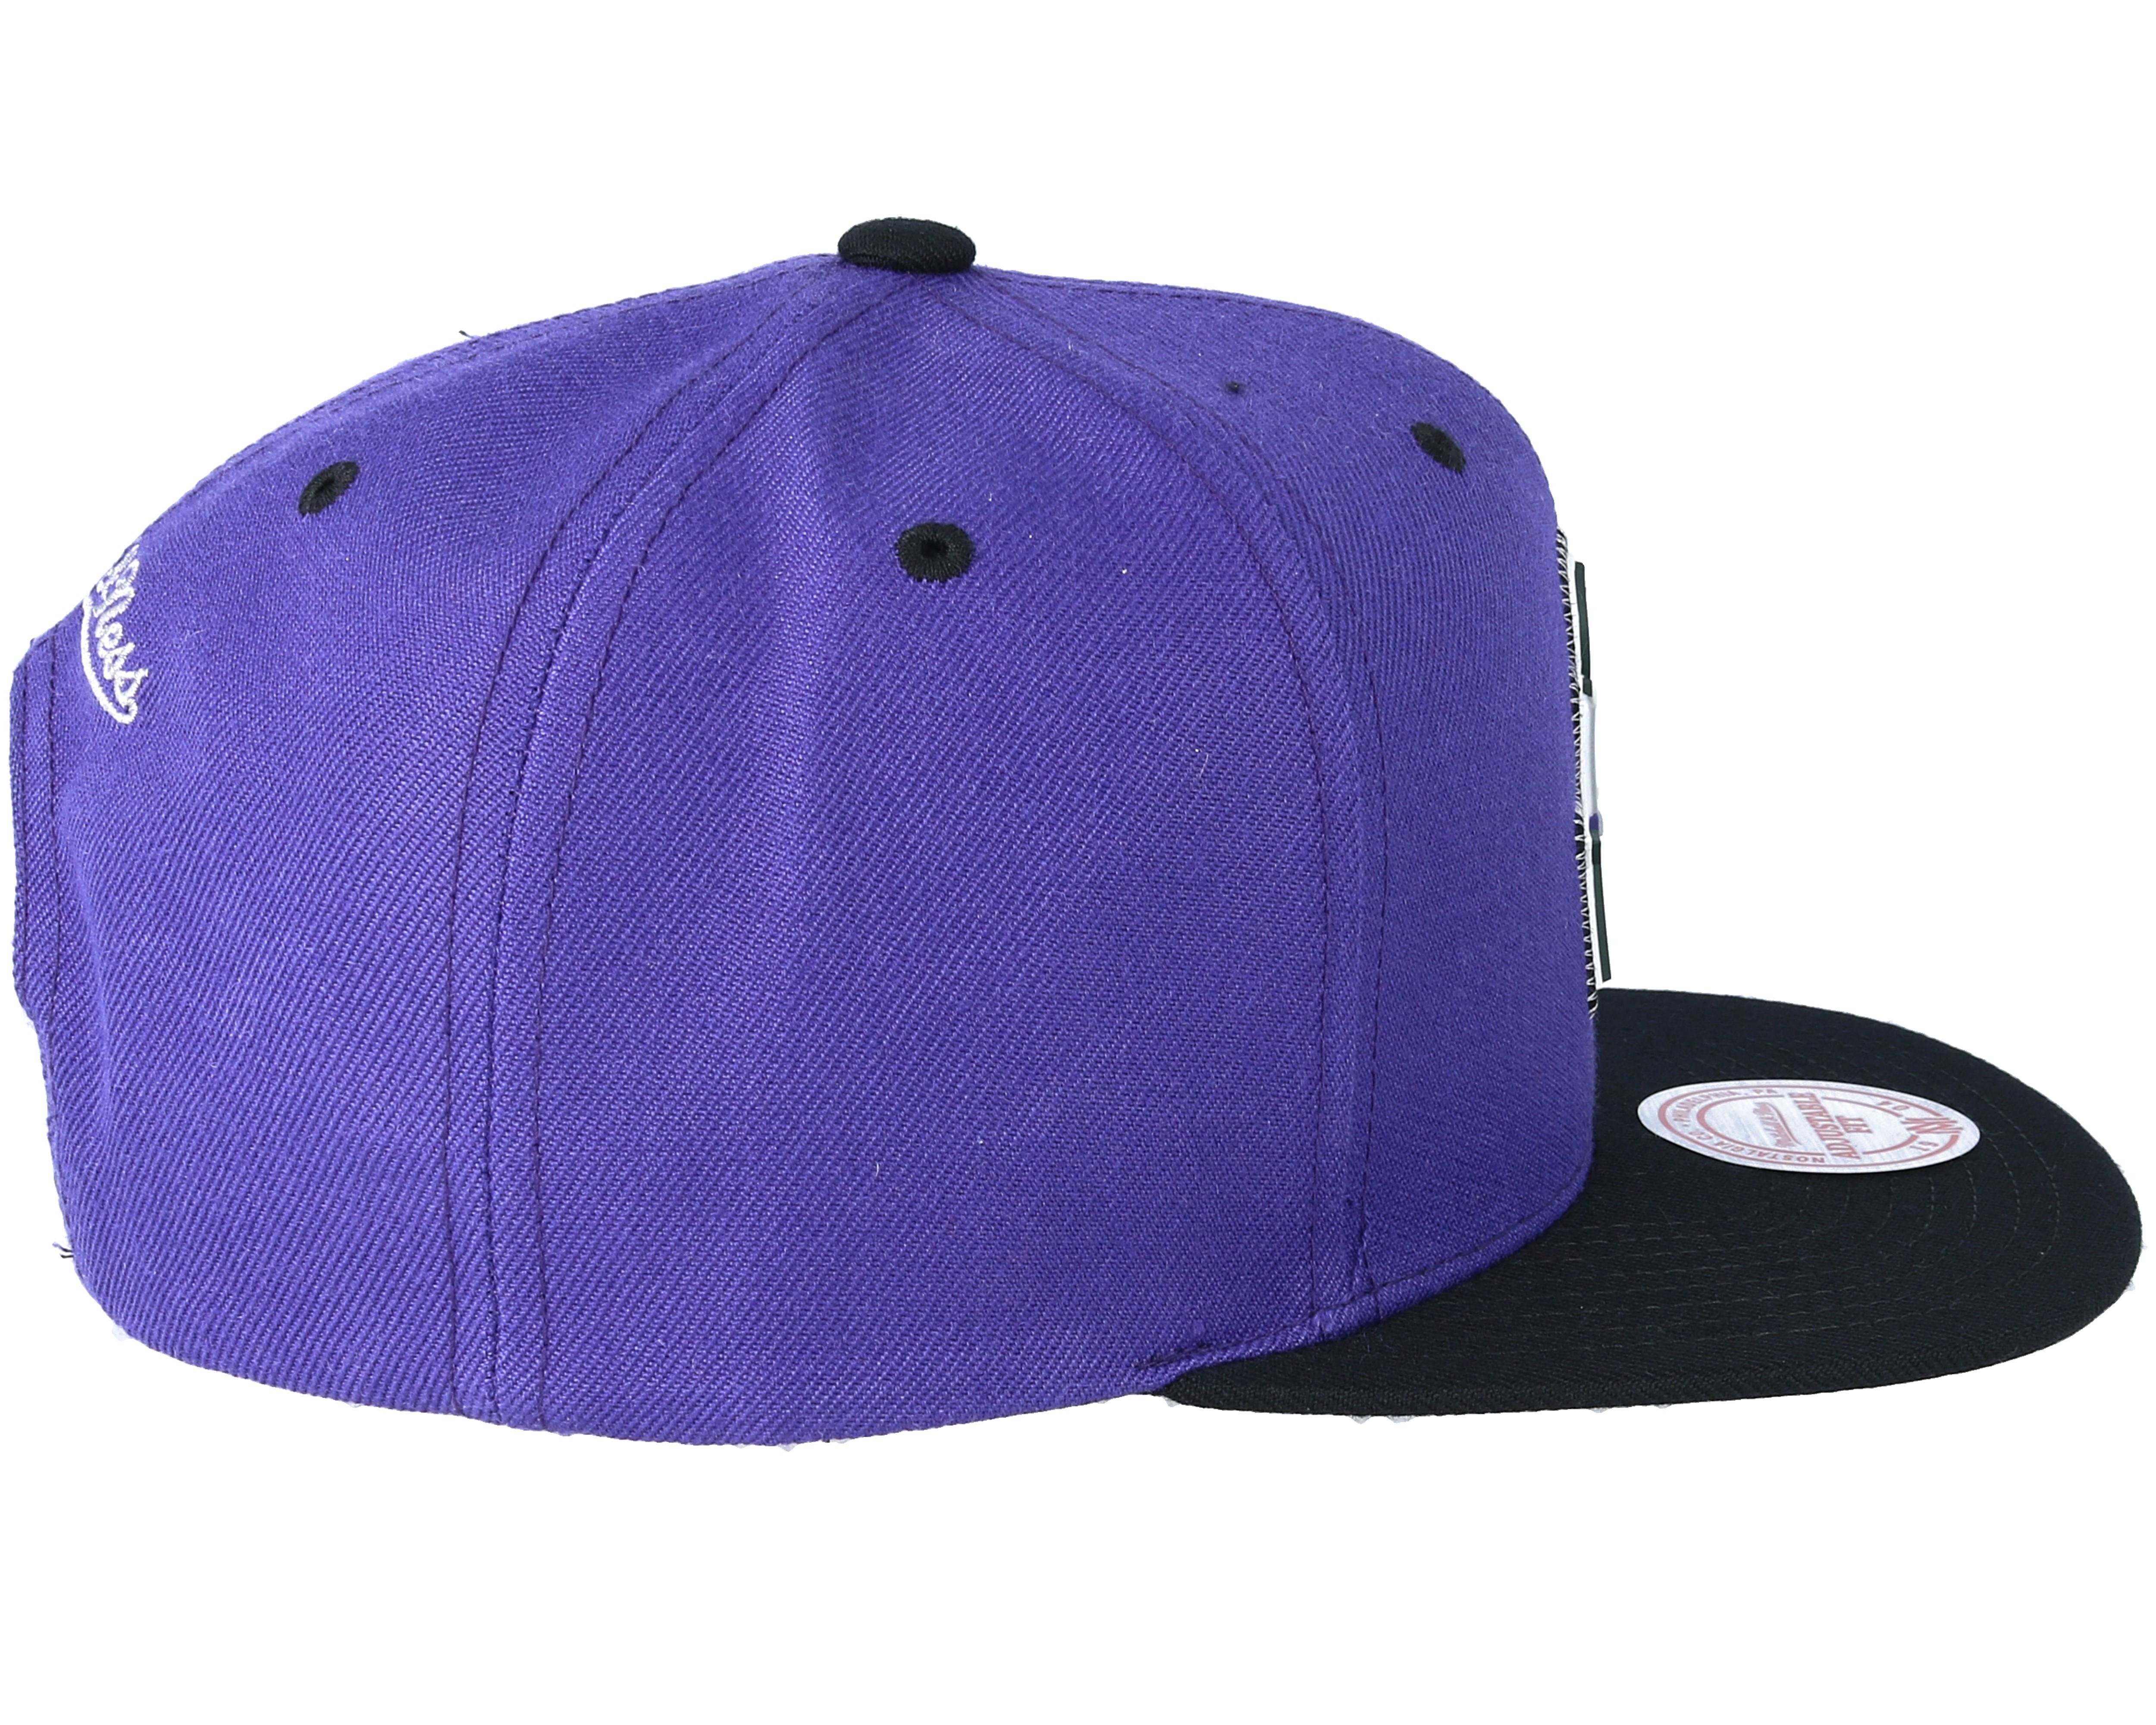 Mitchell /& Ness Milwaukee Bucks Team Standard Snapback Adjustable Purple Hat